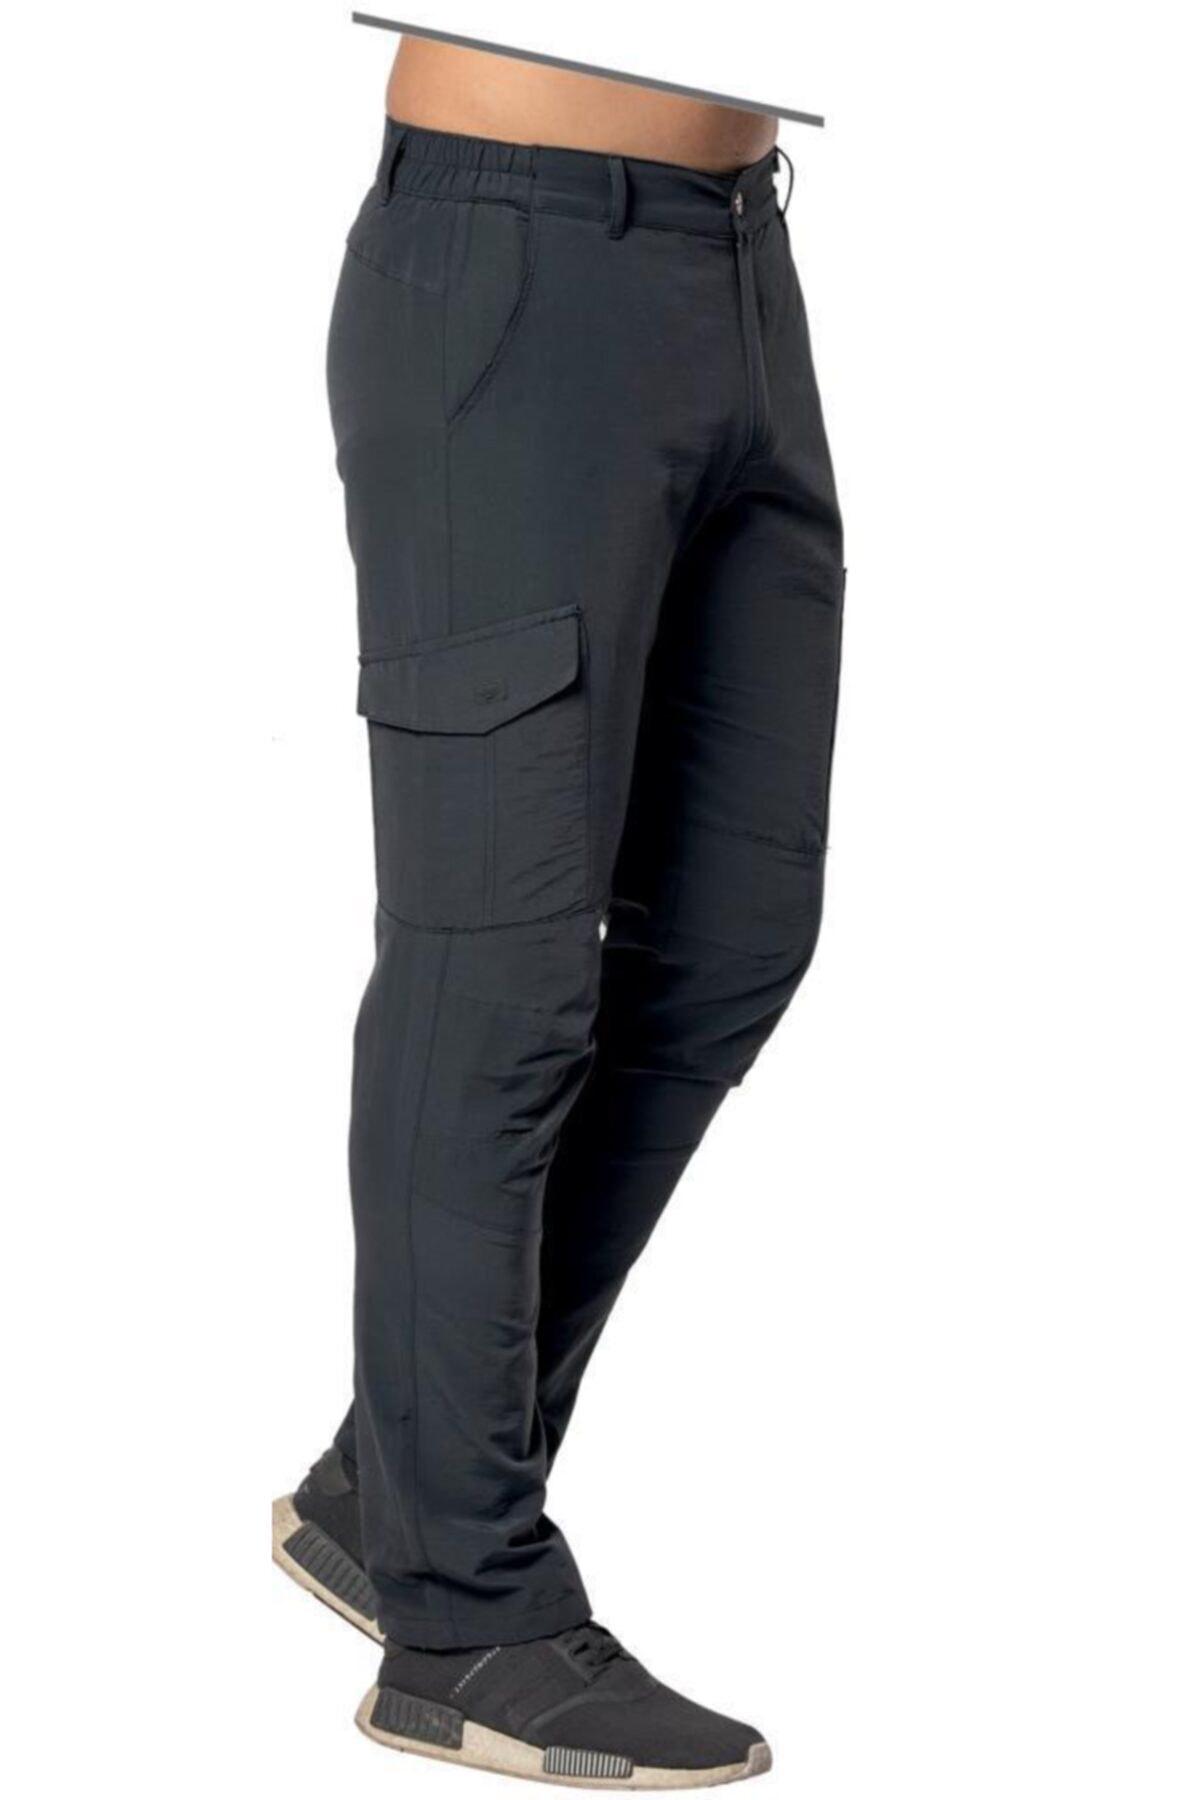 Crozwise Outdoor Erkek Pantolon Yeni Sezon Yazlık Pantolon 2